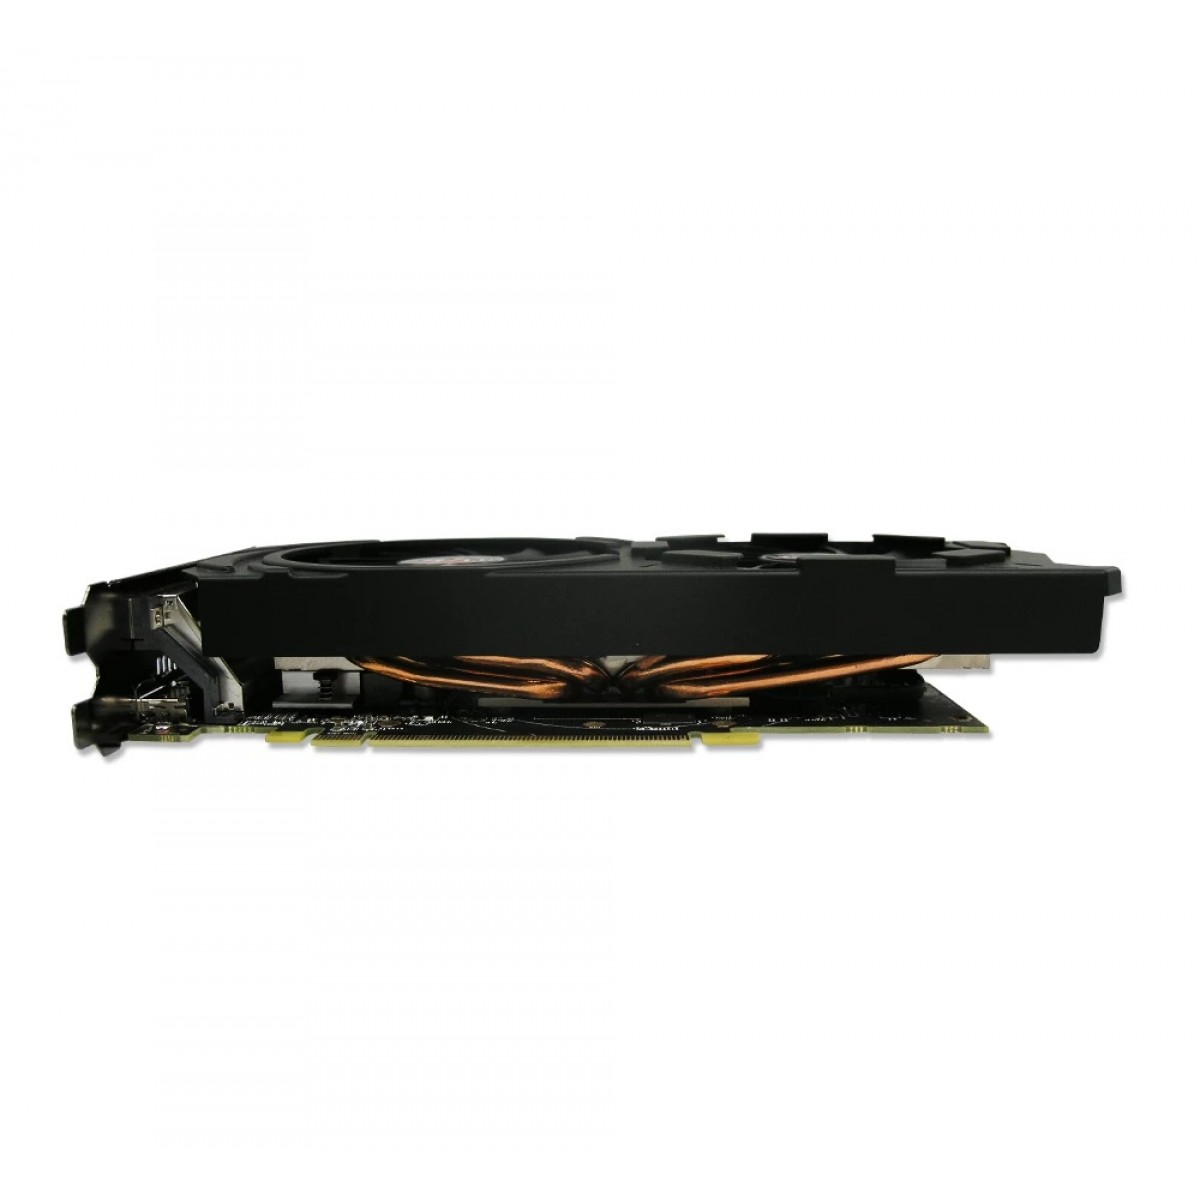 Placa de Vídeo Axle Radeon RX 580 8GB, GDDR5, 256bit, RX580/8GD5P6DIP3